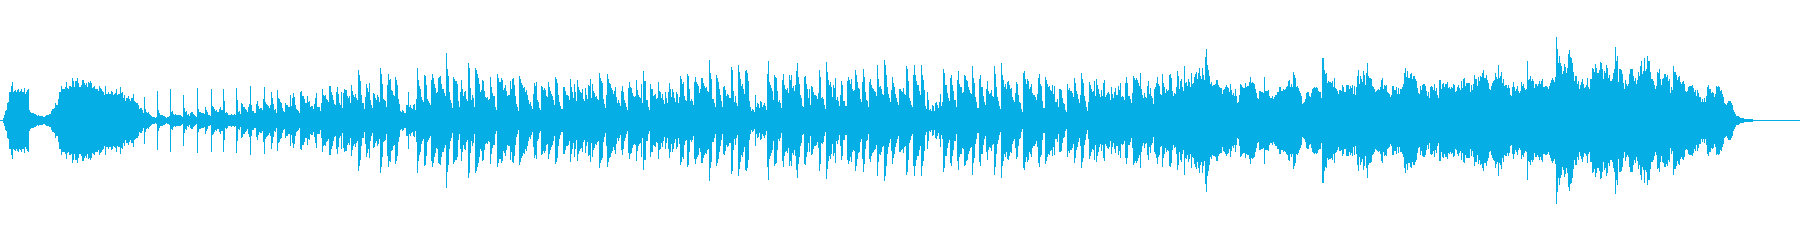 効果音を使ったハロウィンのプロローグの再生済みの波形